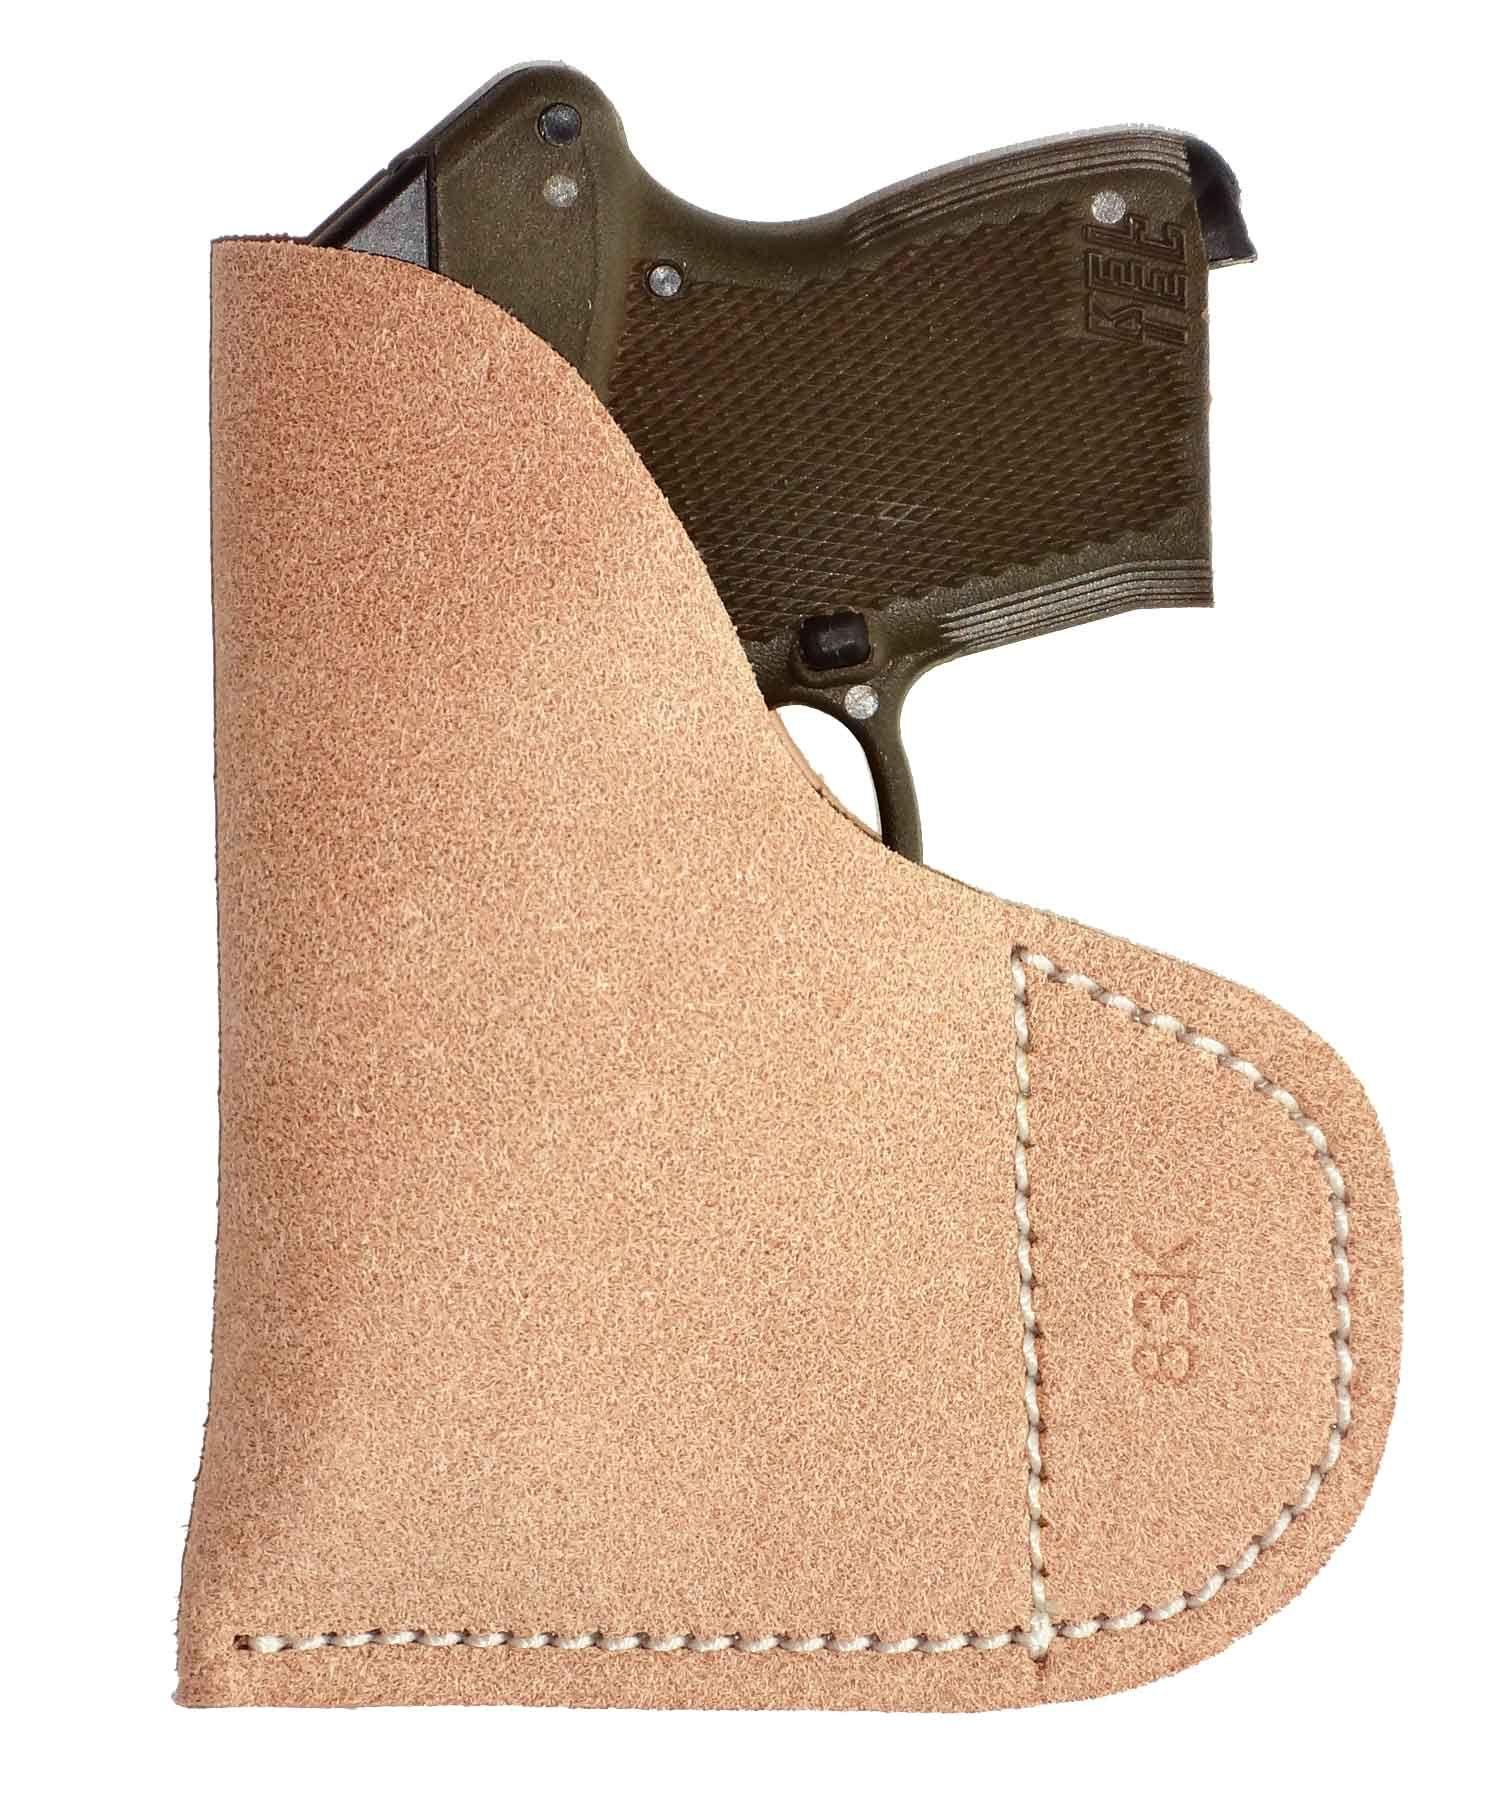 Concealment Pocket Holster for Conceal Carry | pocket